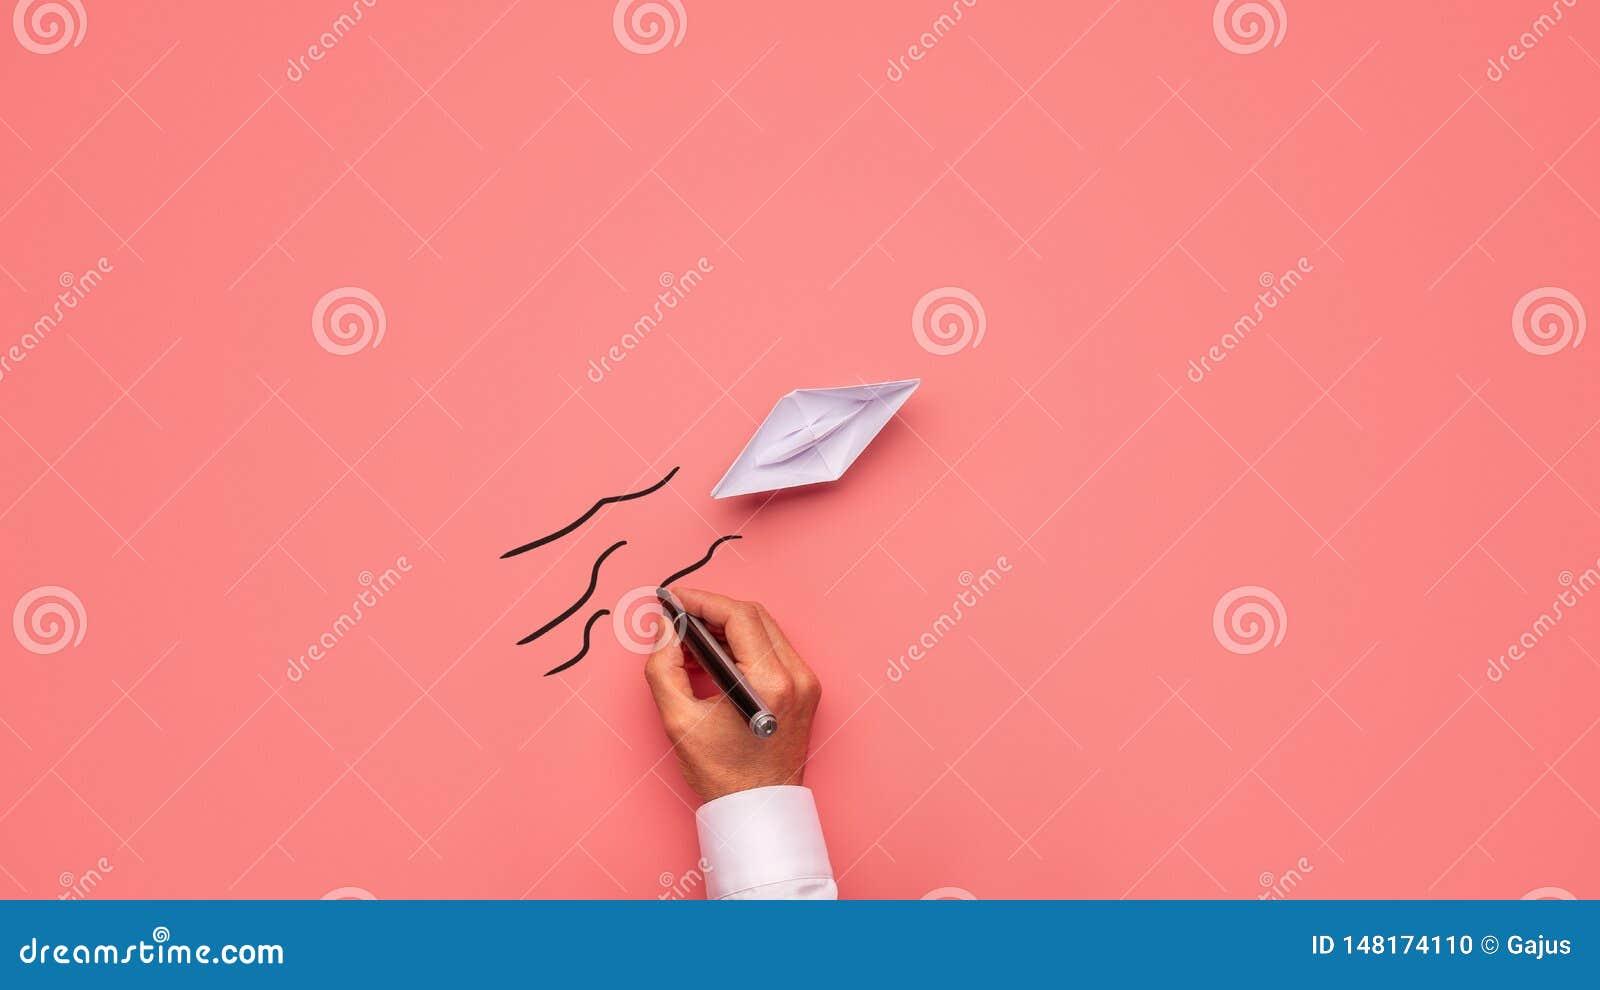 L Origami A Fait Le Bateau De Papier Sur Un Fond Rose Photo Stock Image Du Rose Fond 148174110